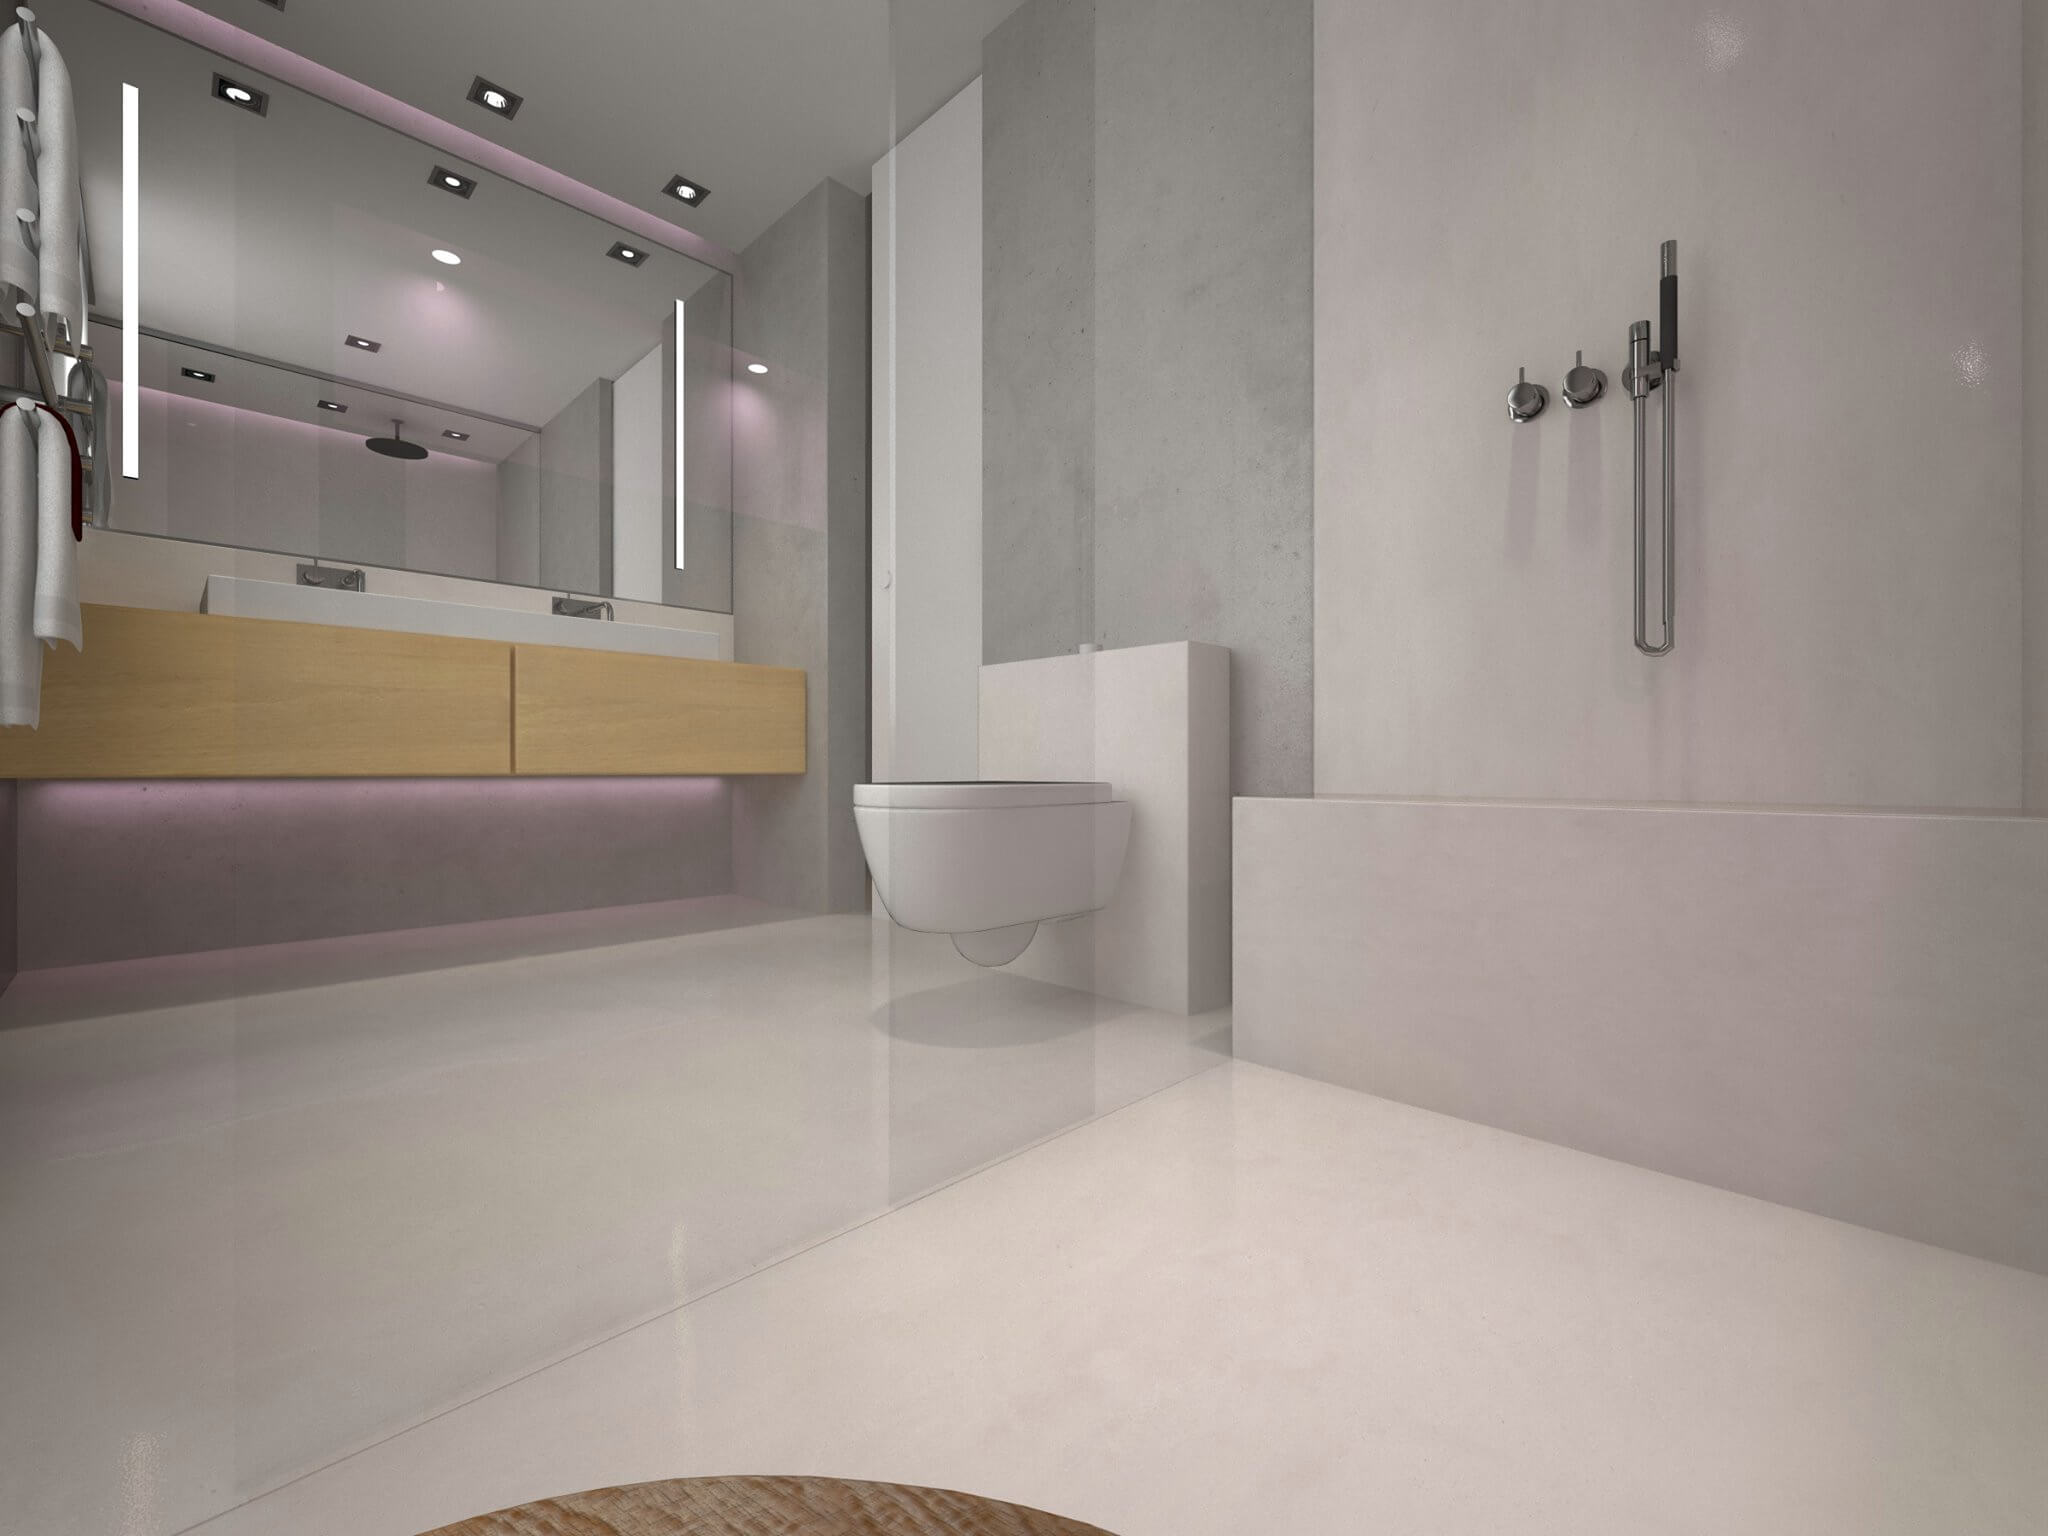 Masterbad Weisses Badezimmer Design Mit Dusche Design By Torsten Mueller  Aus Bad Honnef Naehe Koeln Bonn